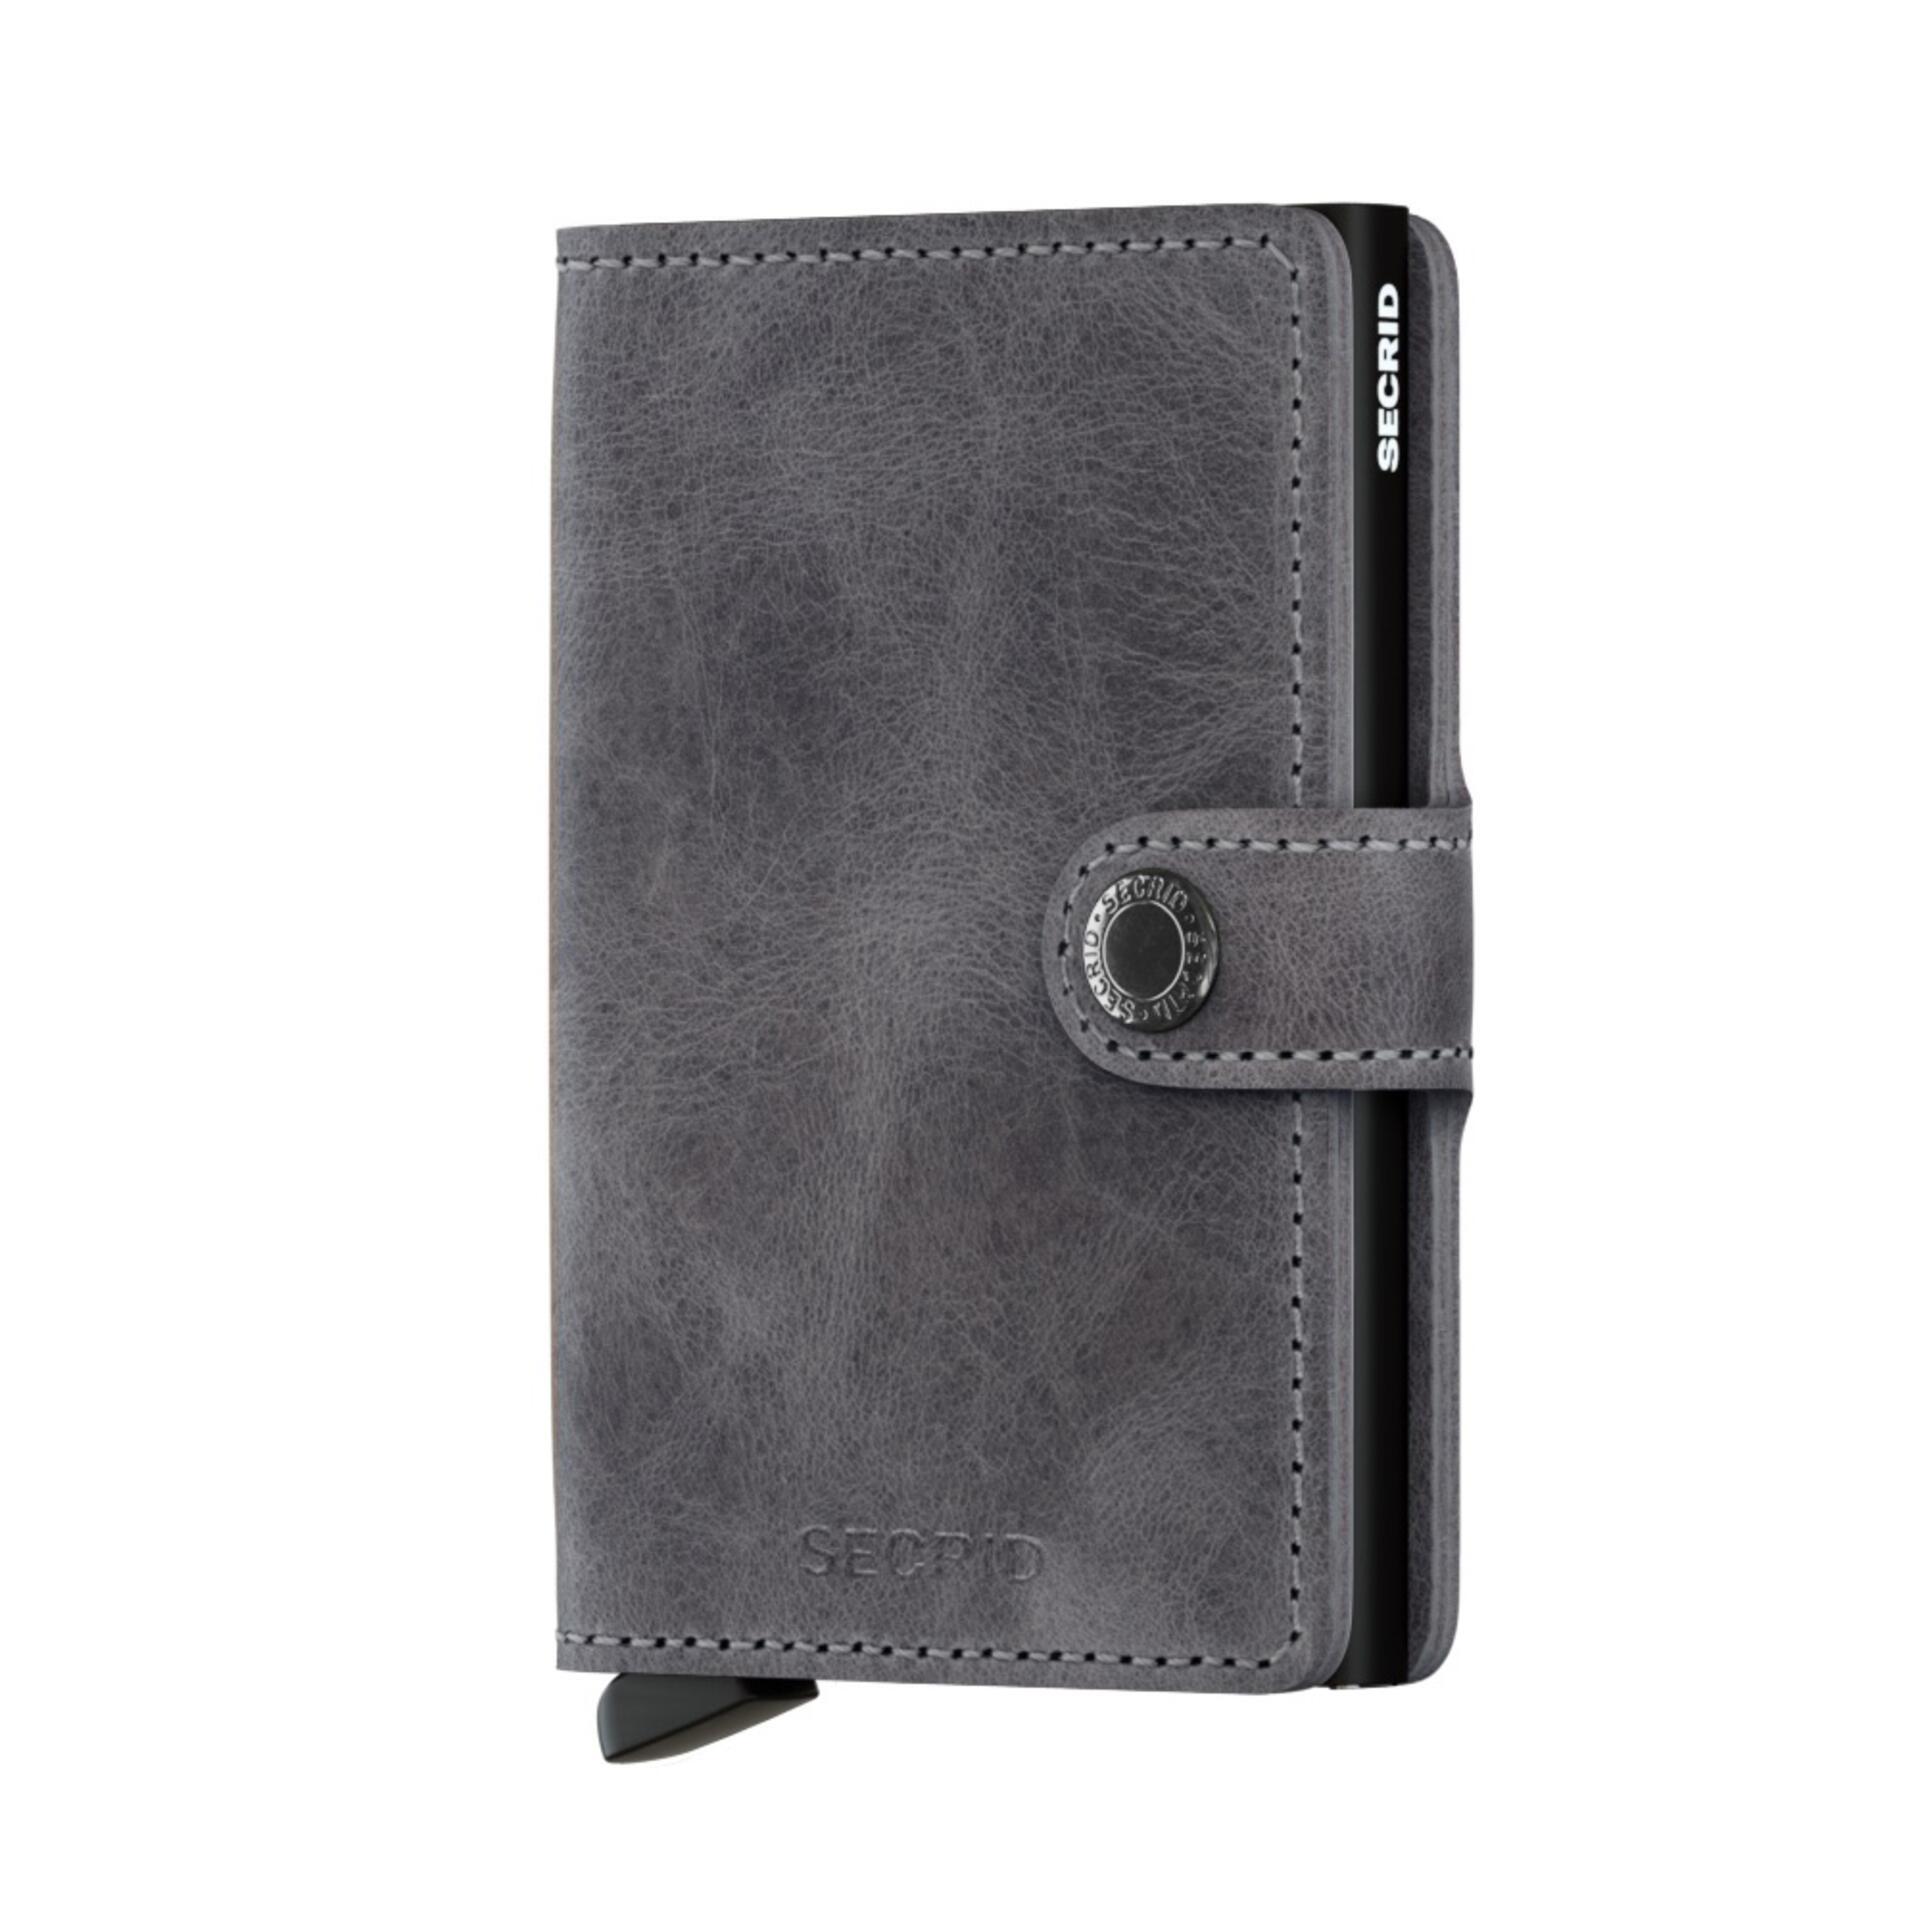 Secrid Miniwallet Vintage Grey Black Leder